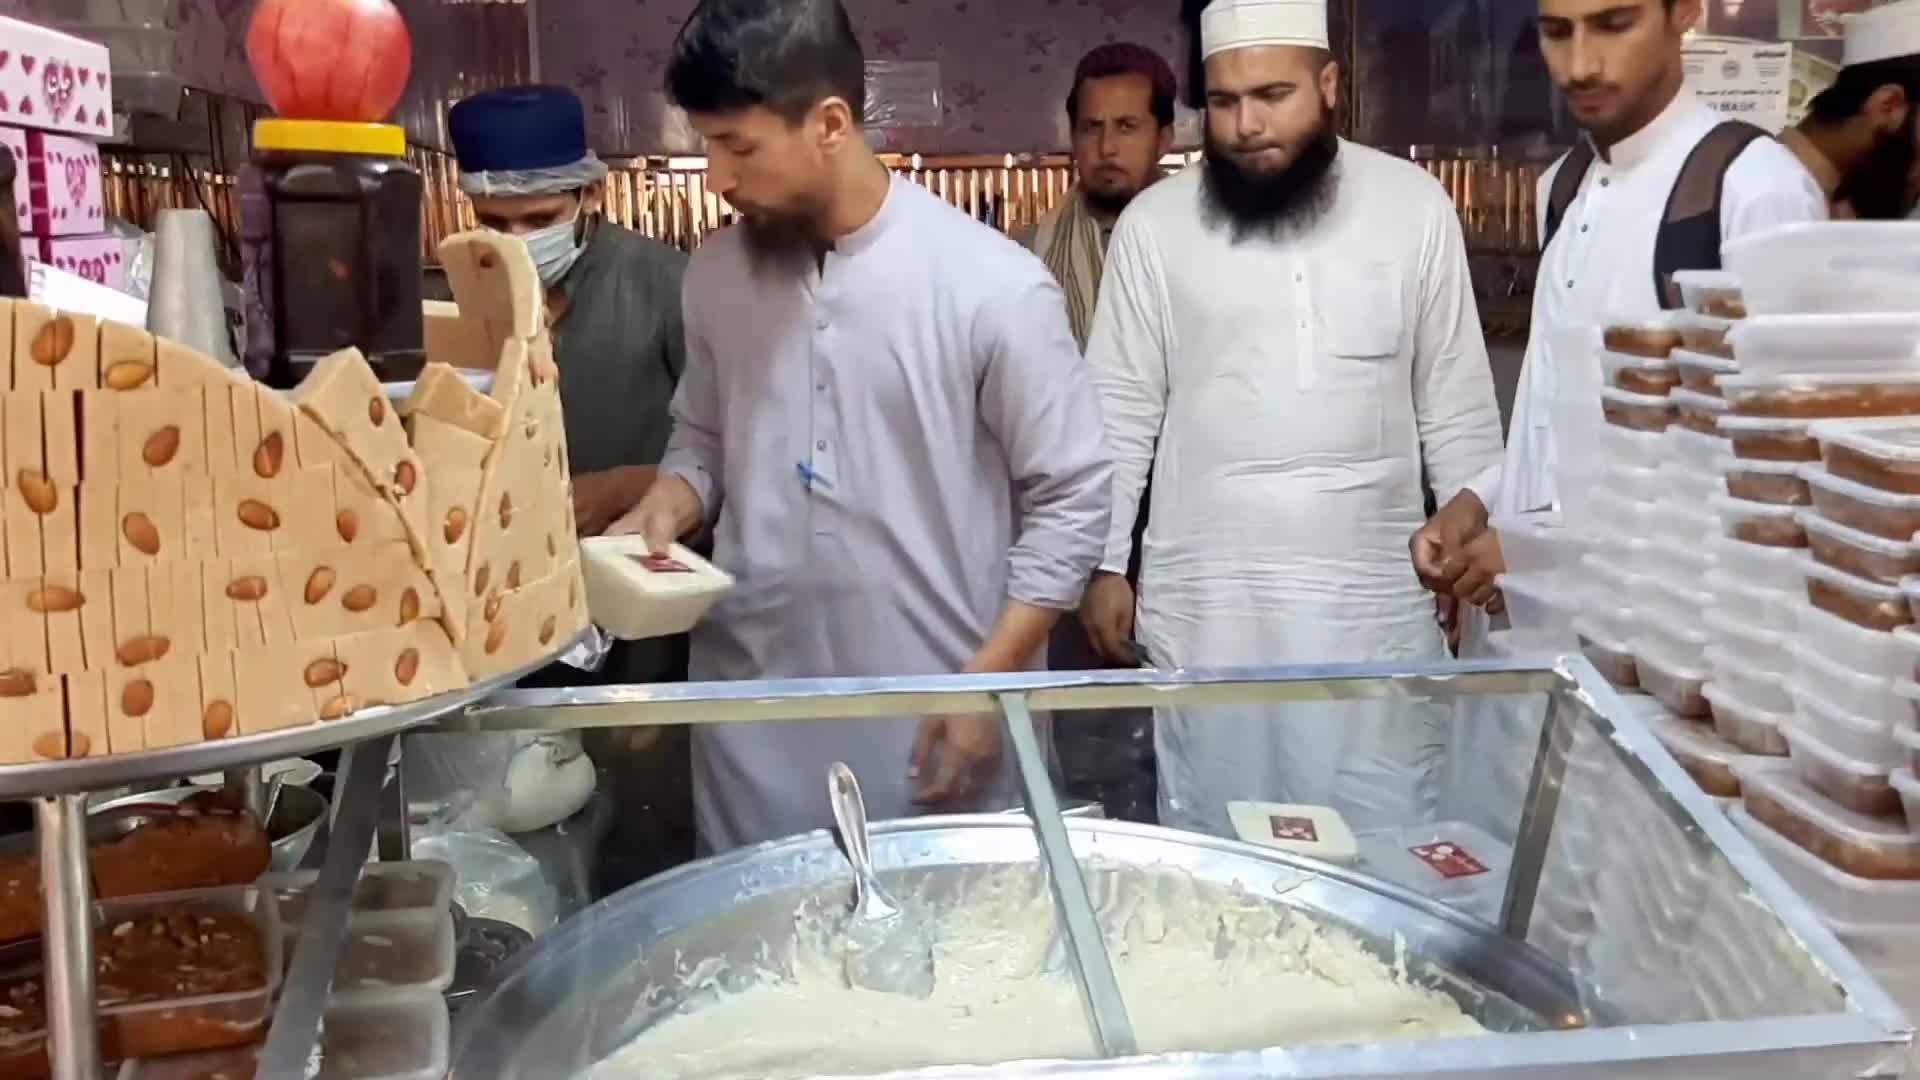 印度街头奇葩奶制品,整个桶就像糊糊一样,吃完就不怕拉肚子吗?